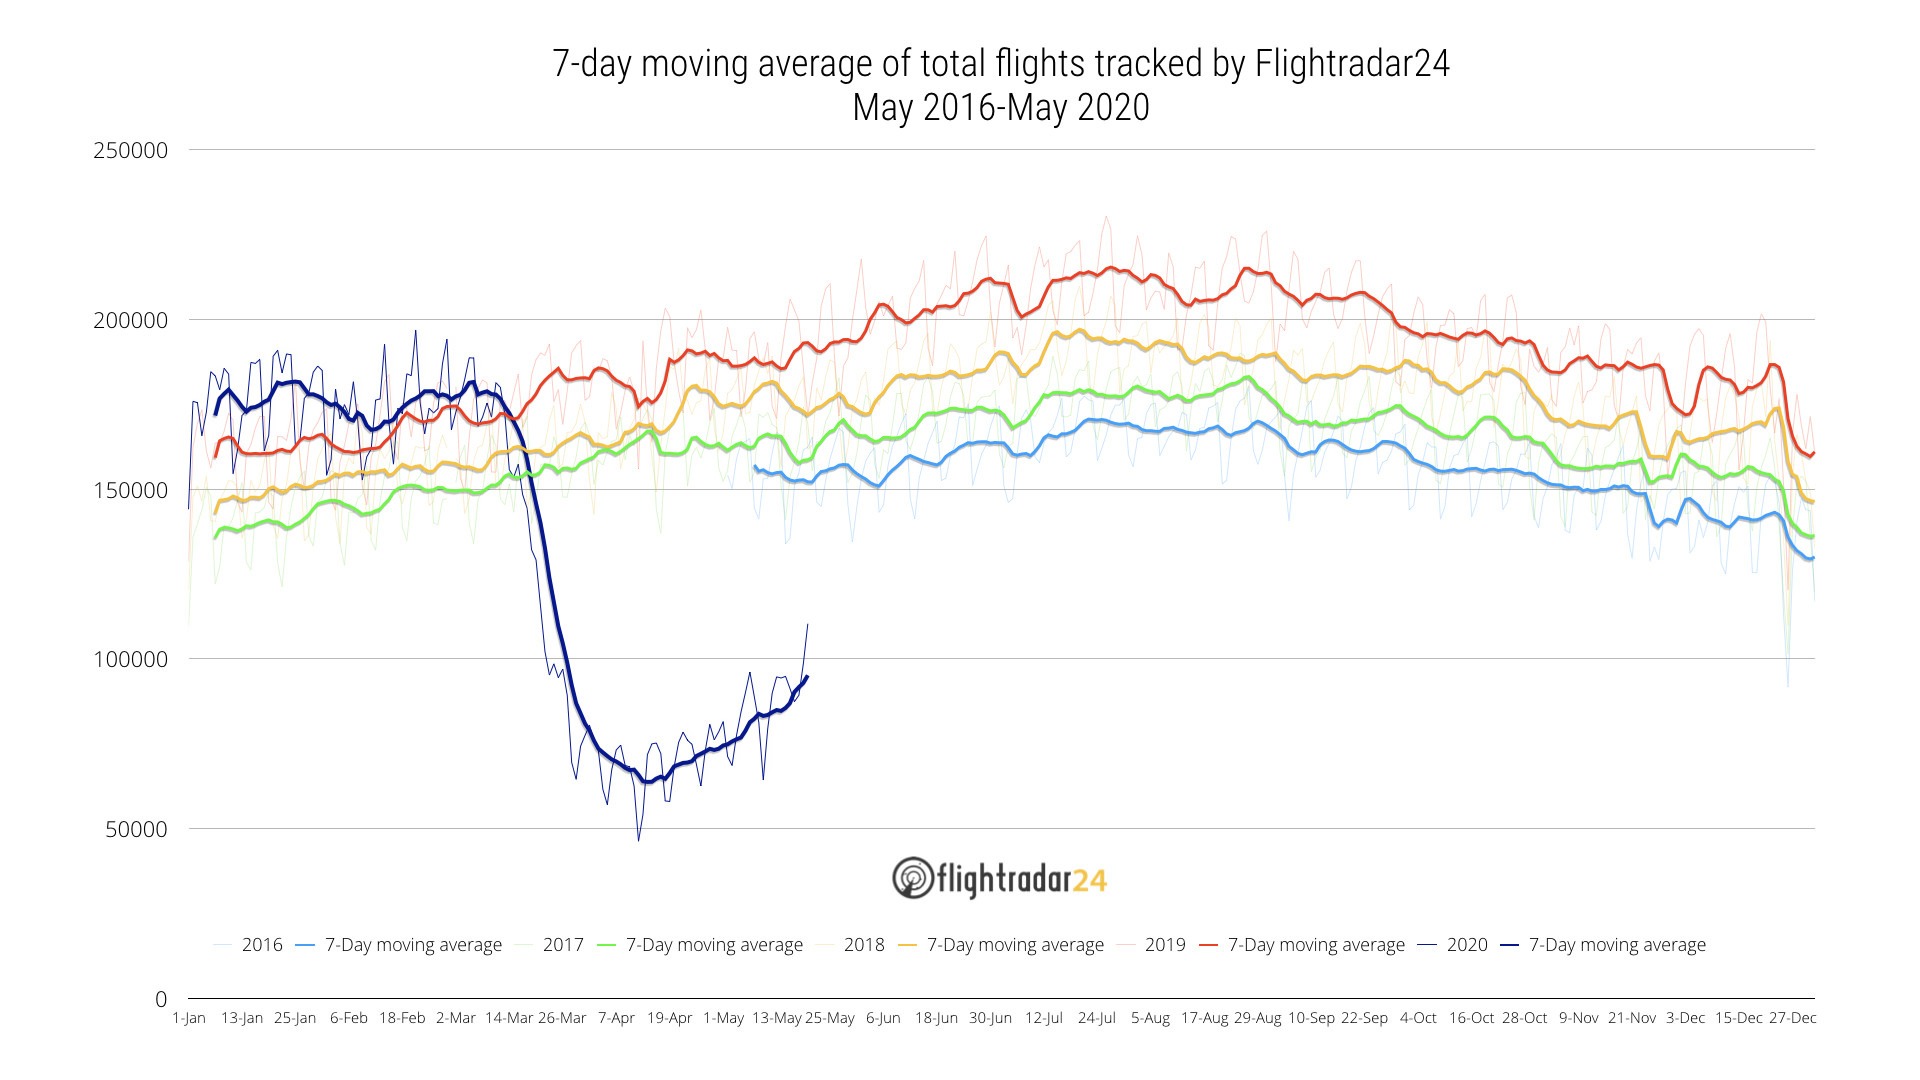 Total Flights tracked May 2016-May 2020